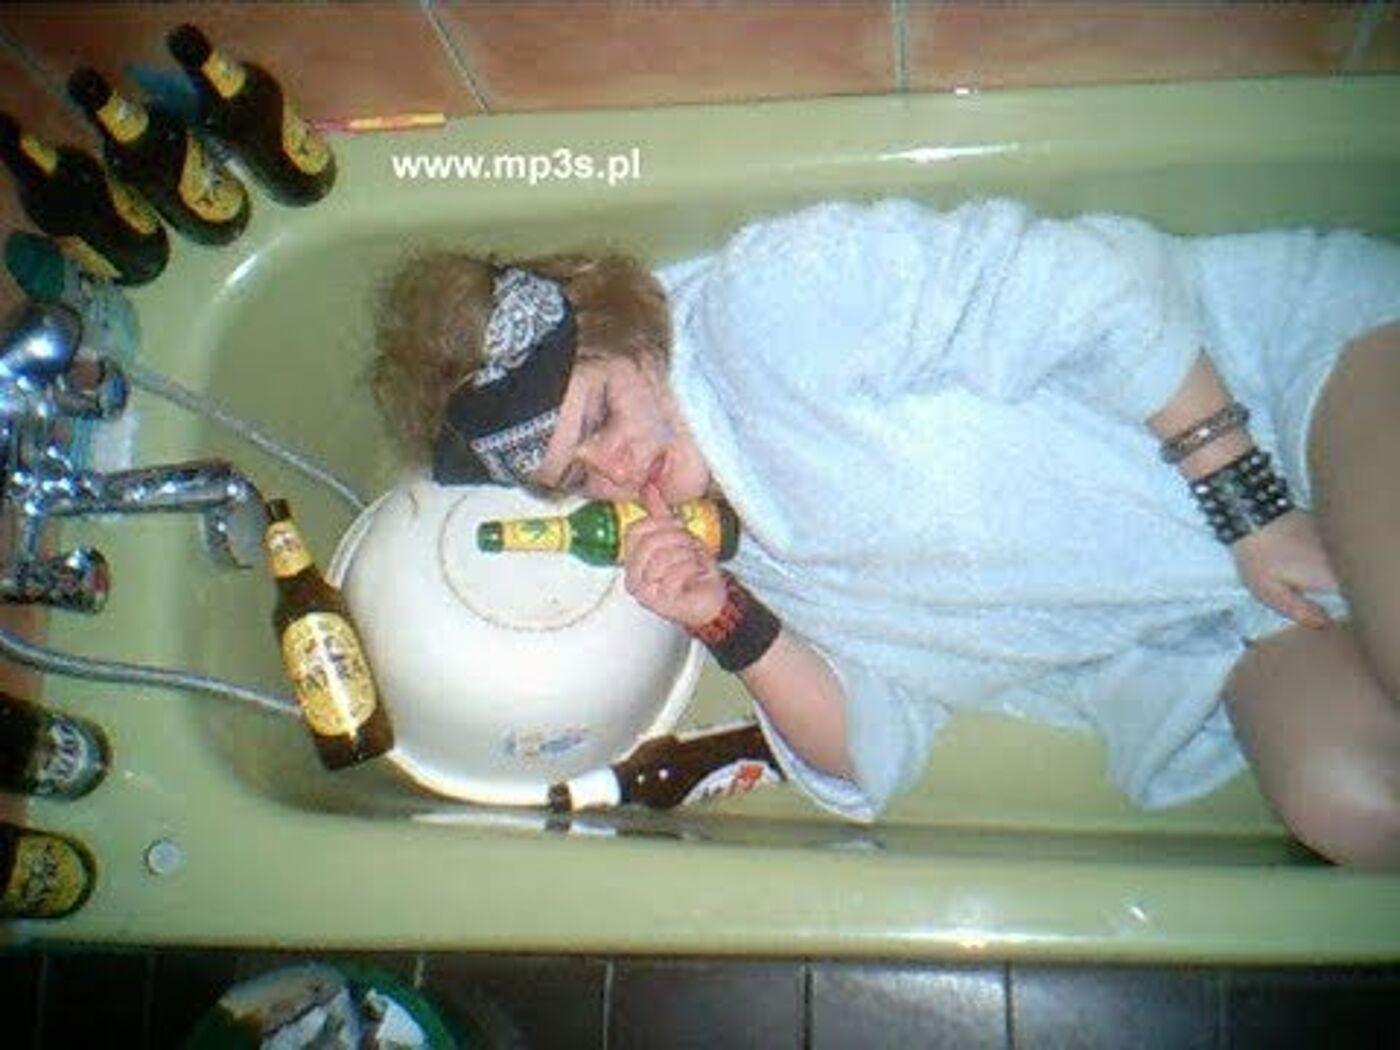 Днем рождения, картинка сушняк после алкоголя прикольные